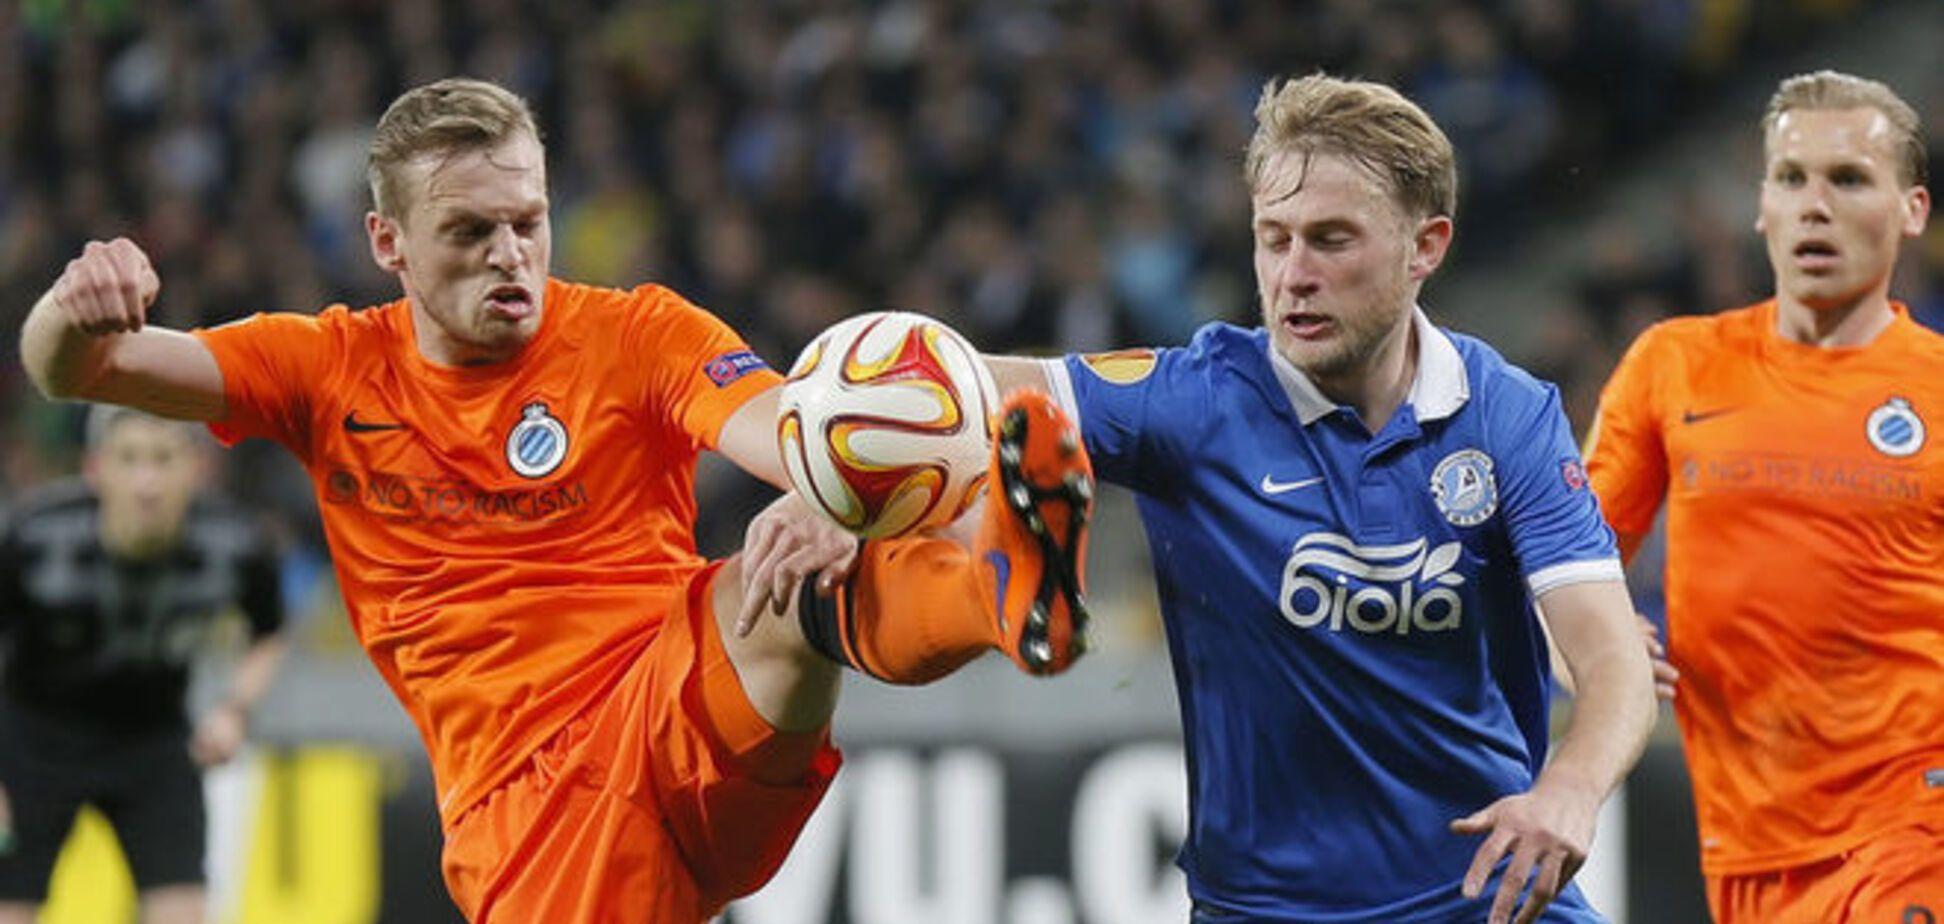 Дніпро - Брюгге - 2-1: дивитися онлайн відеотрансляцію матчу